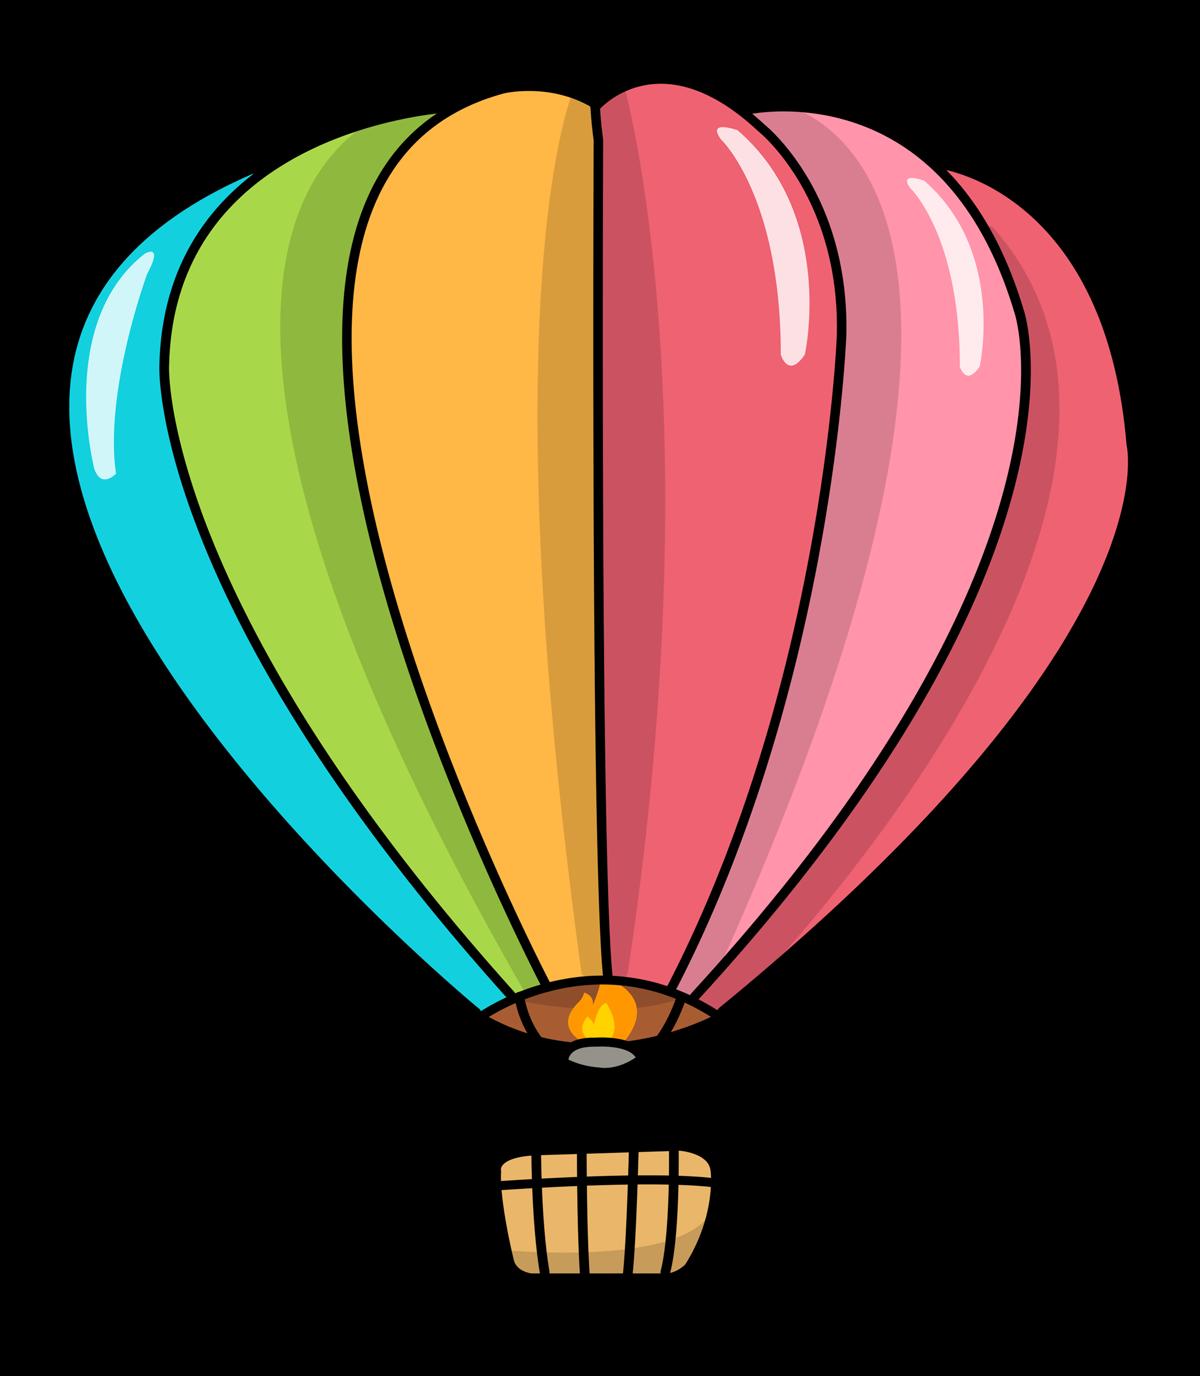 1200x1376 Hot Air Balloon Png Clipart